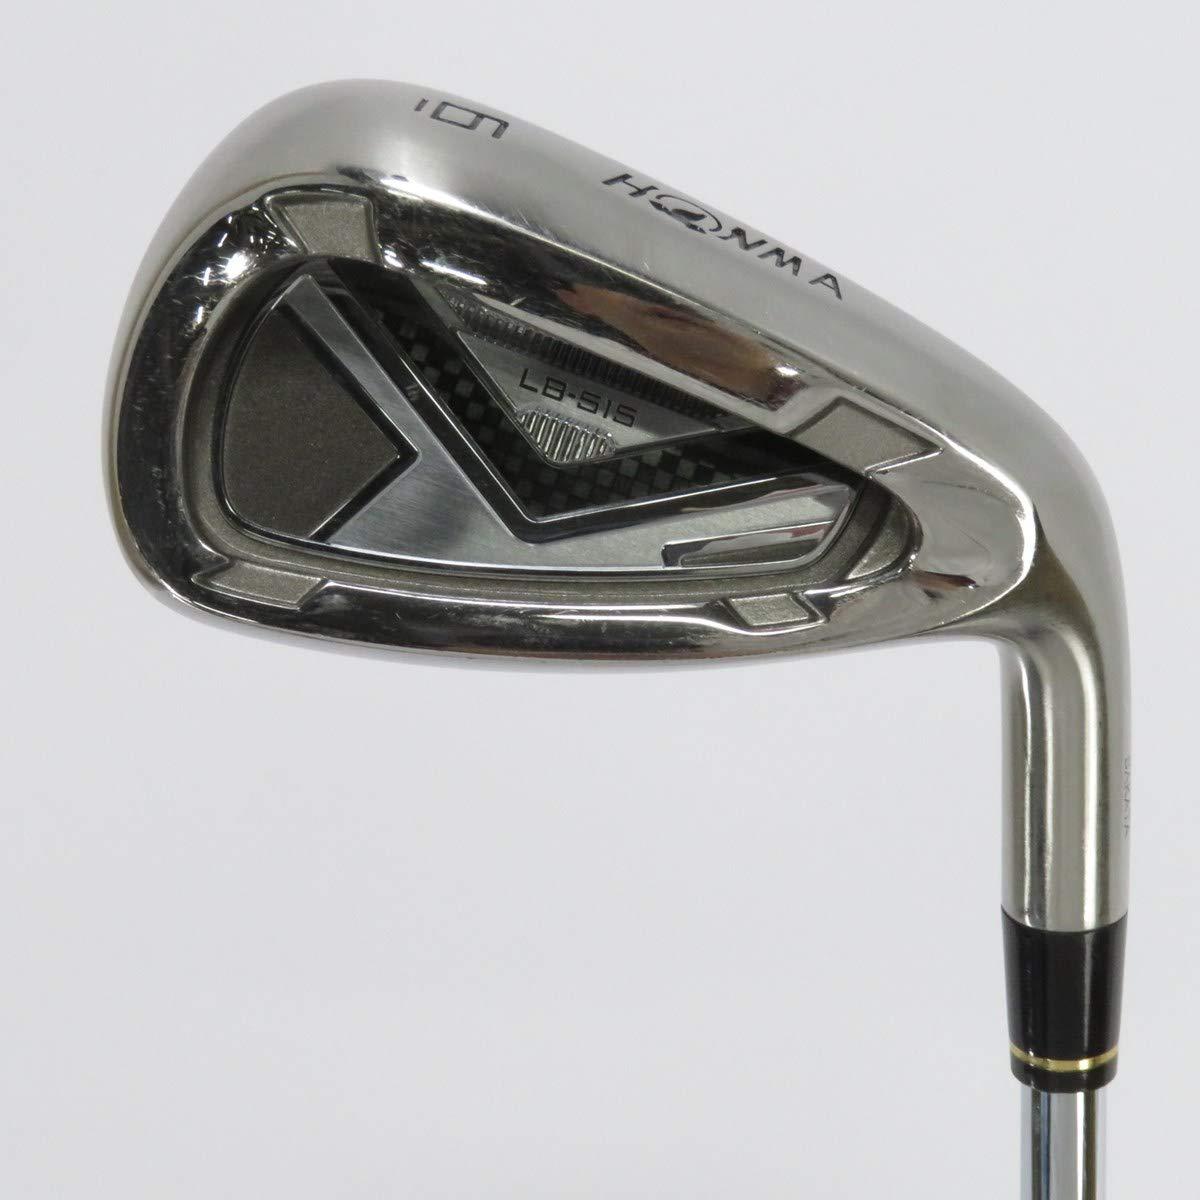 【中古】本間ゴルフ HONMA LB-515 アイアン N.S.PRO 850GH B07MZWCKKH  S